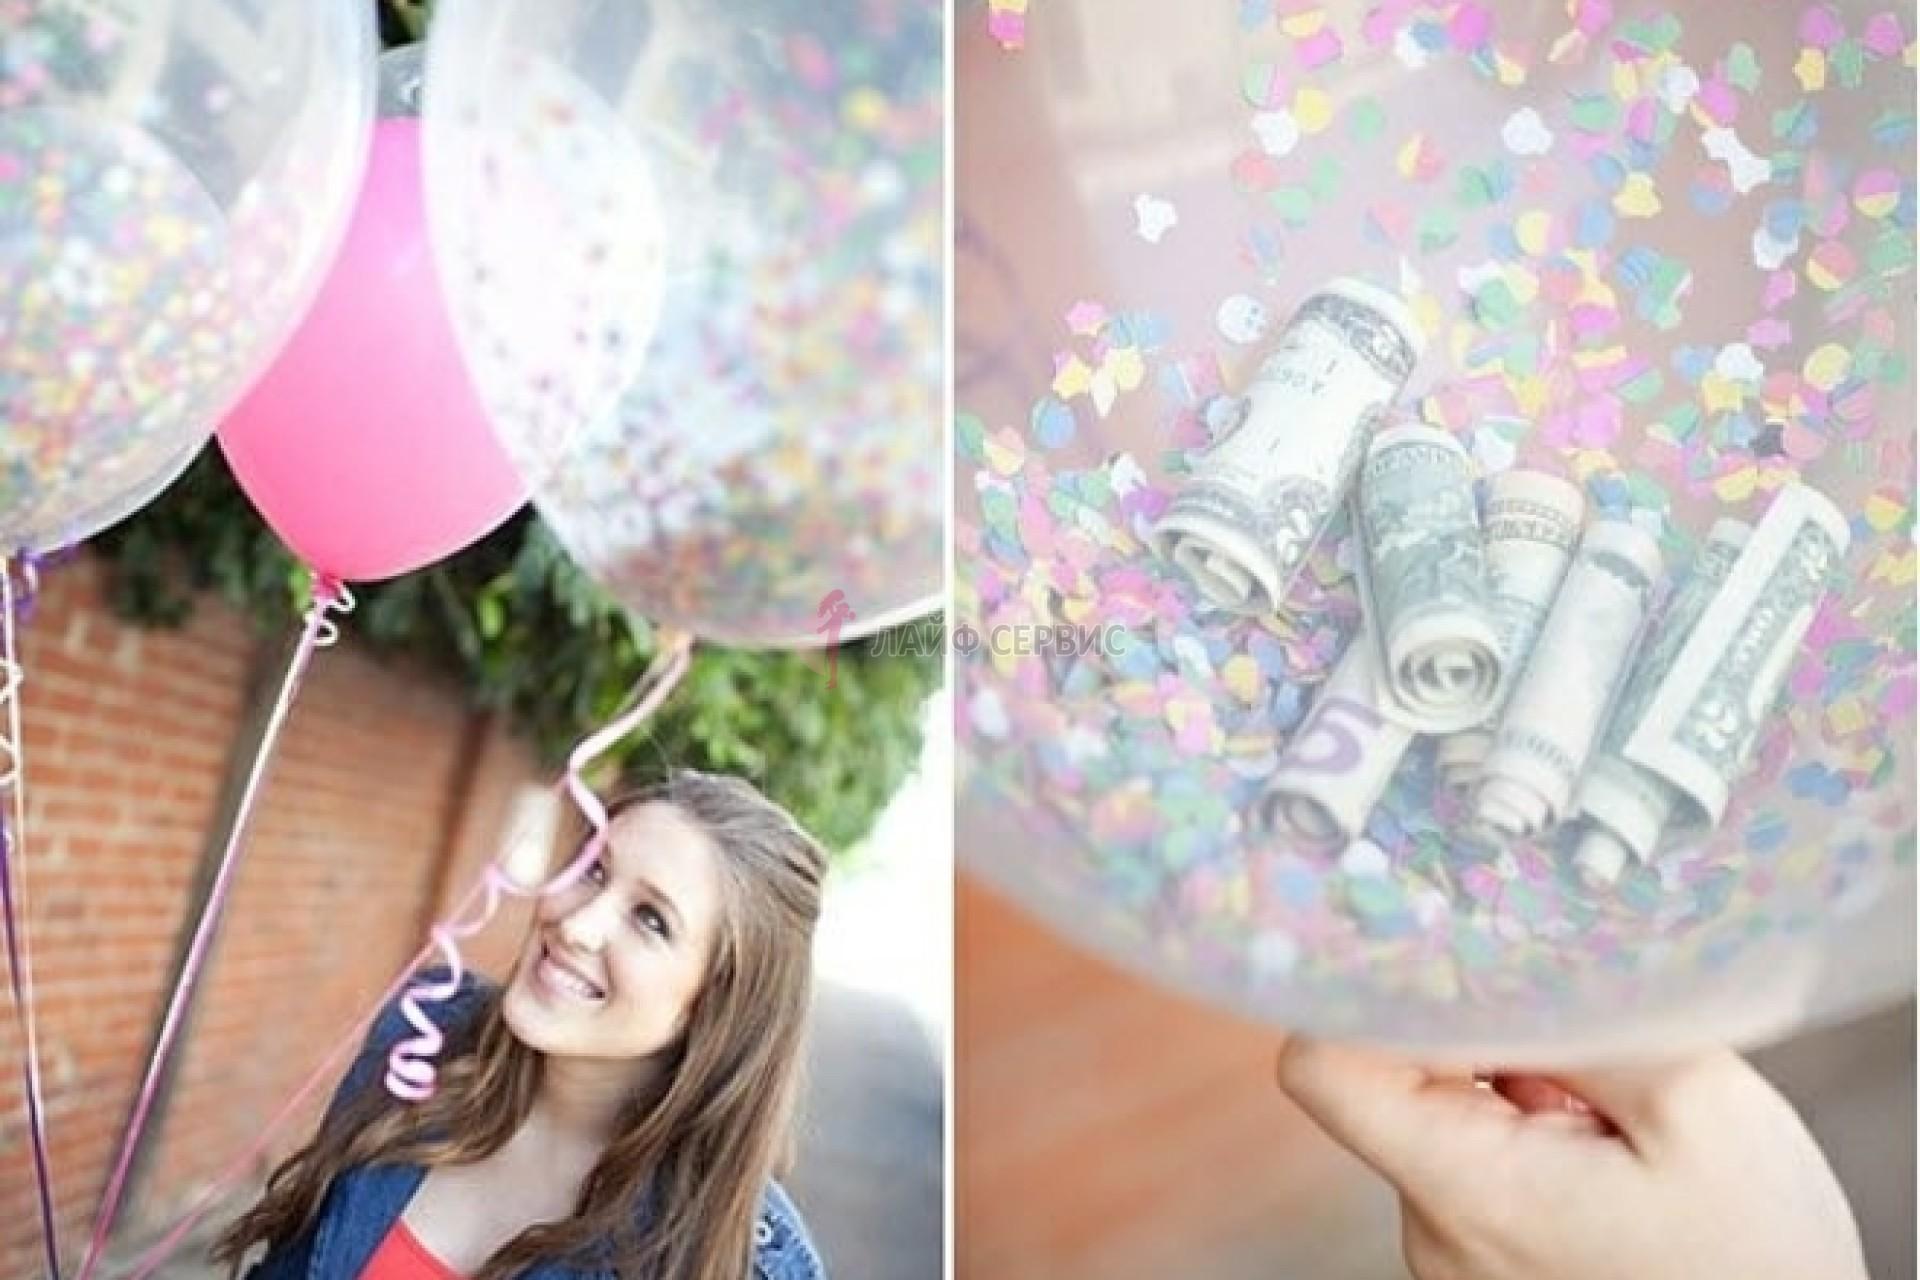 Оригинальный подарок подруге на день рождения - советы 69